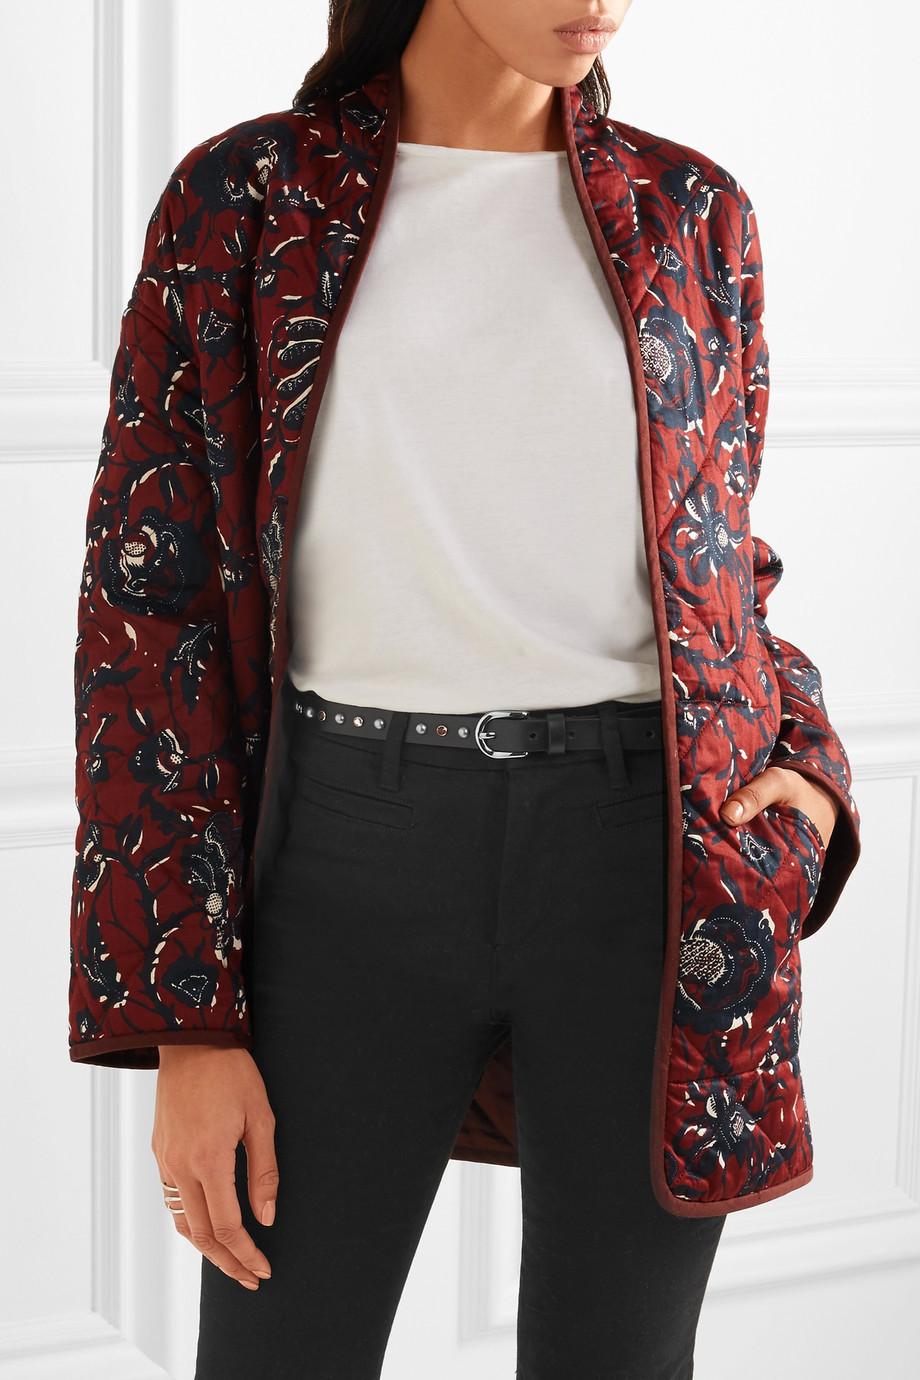 Isabel Marant Kerria embellished leather belt now $143